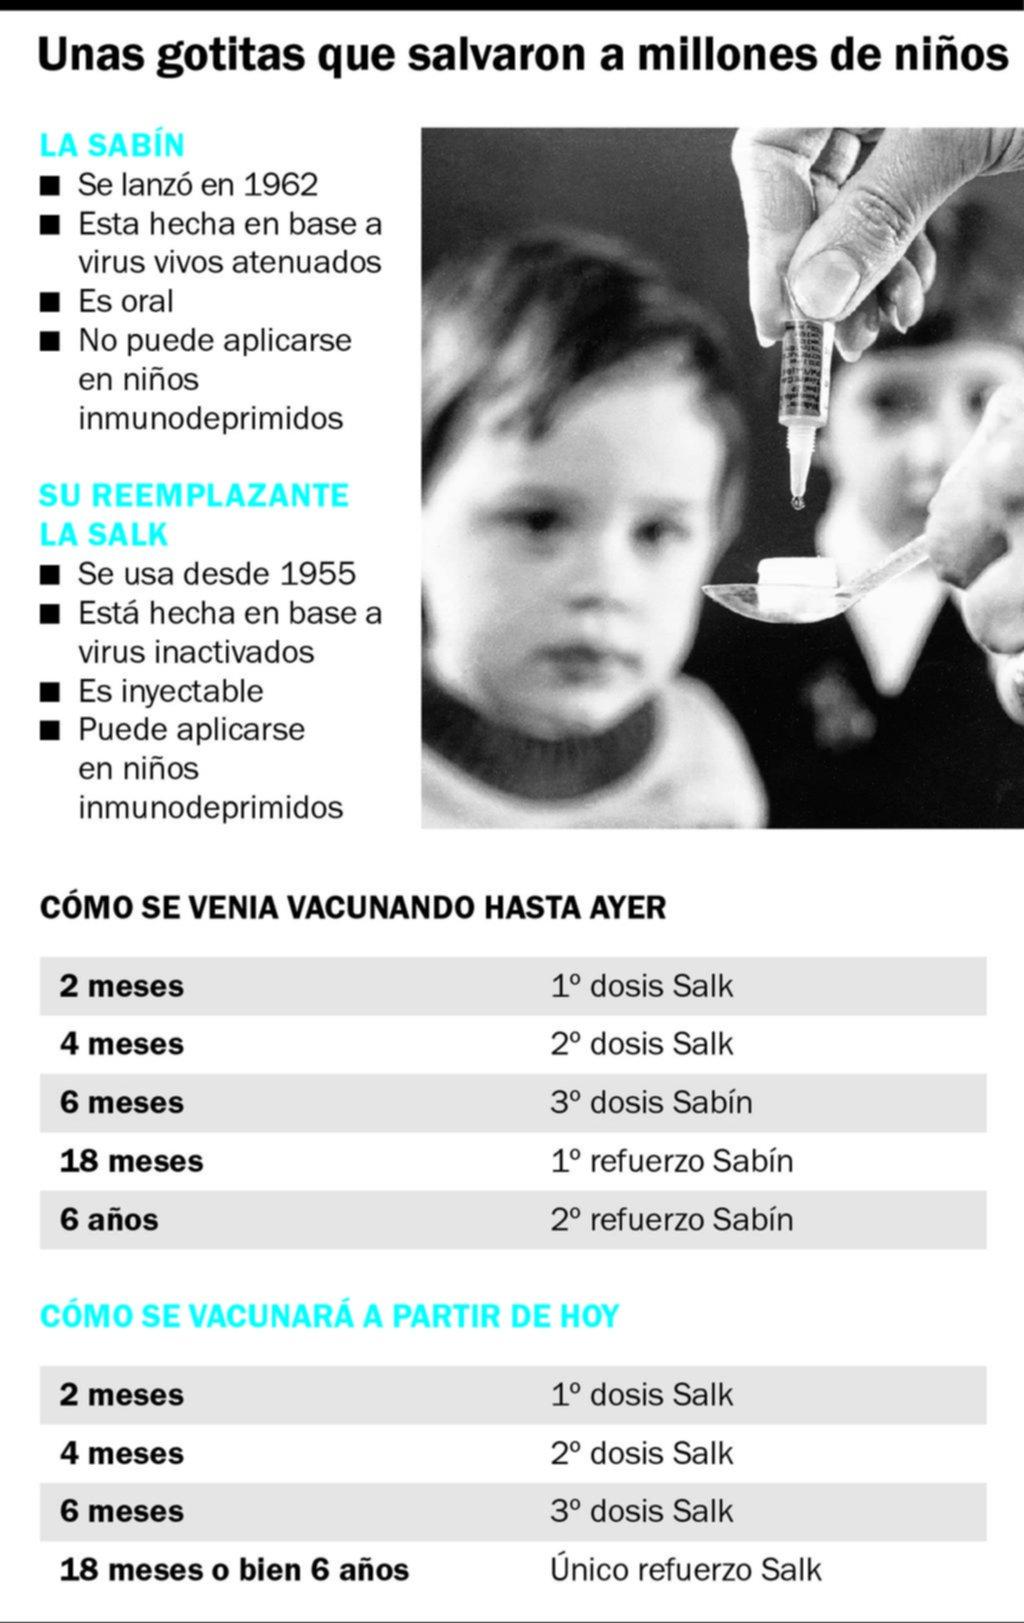 La Sabín, la vieja vacuna del terrón de azúcar, dejará de aplicarse hoy en el país